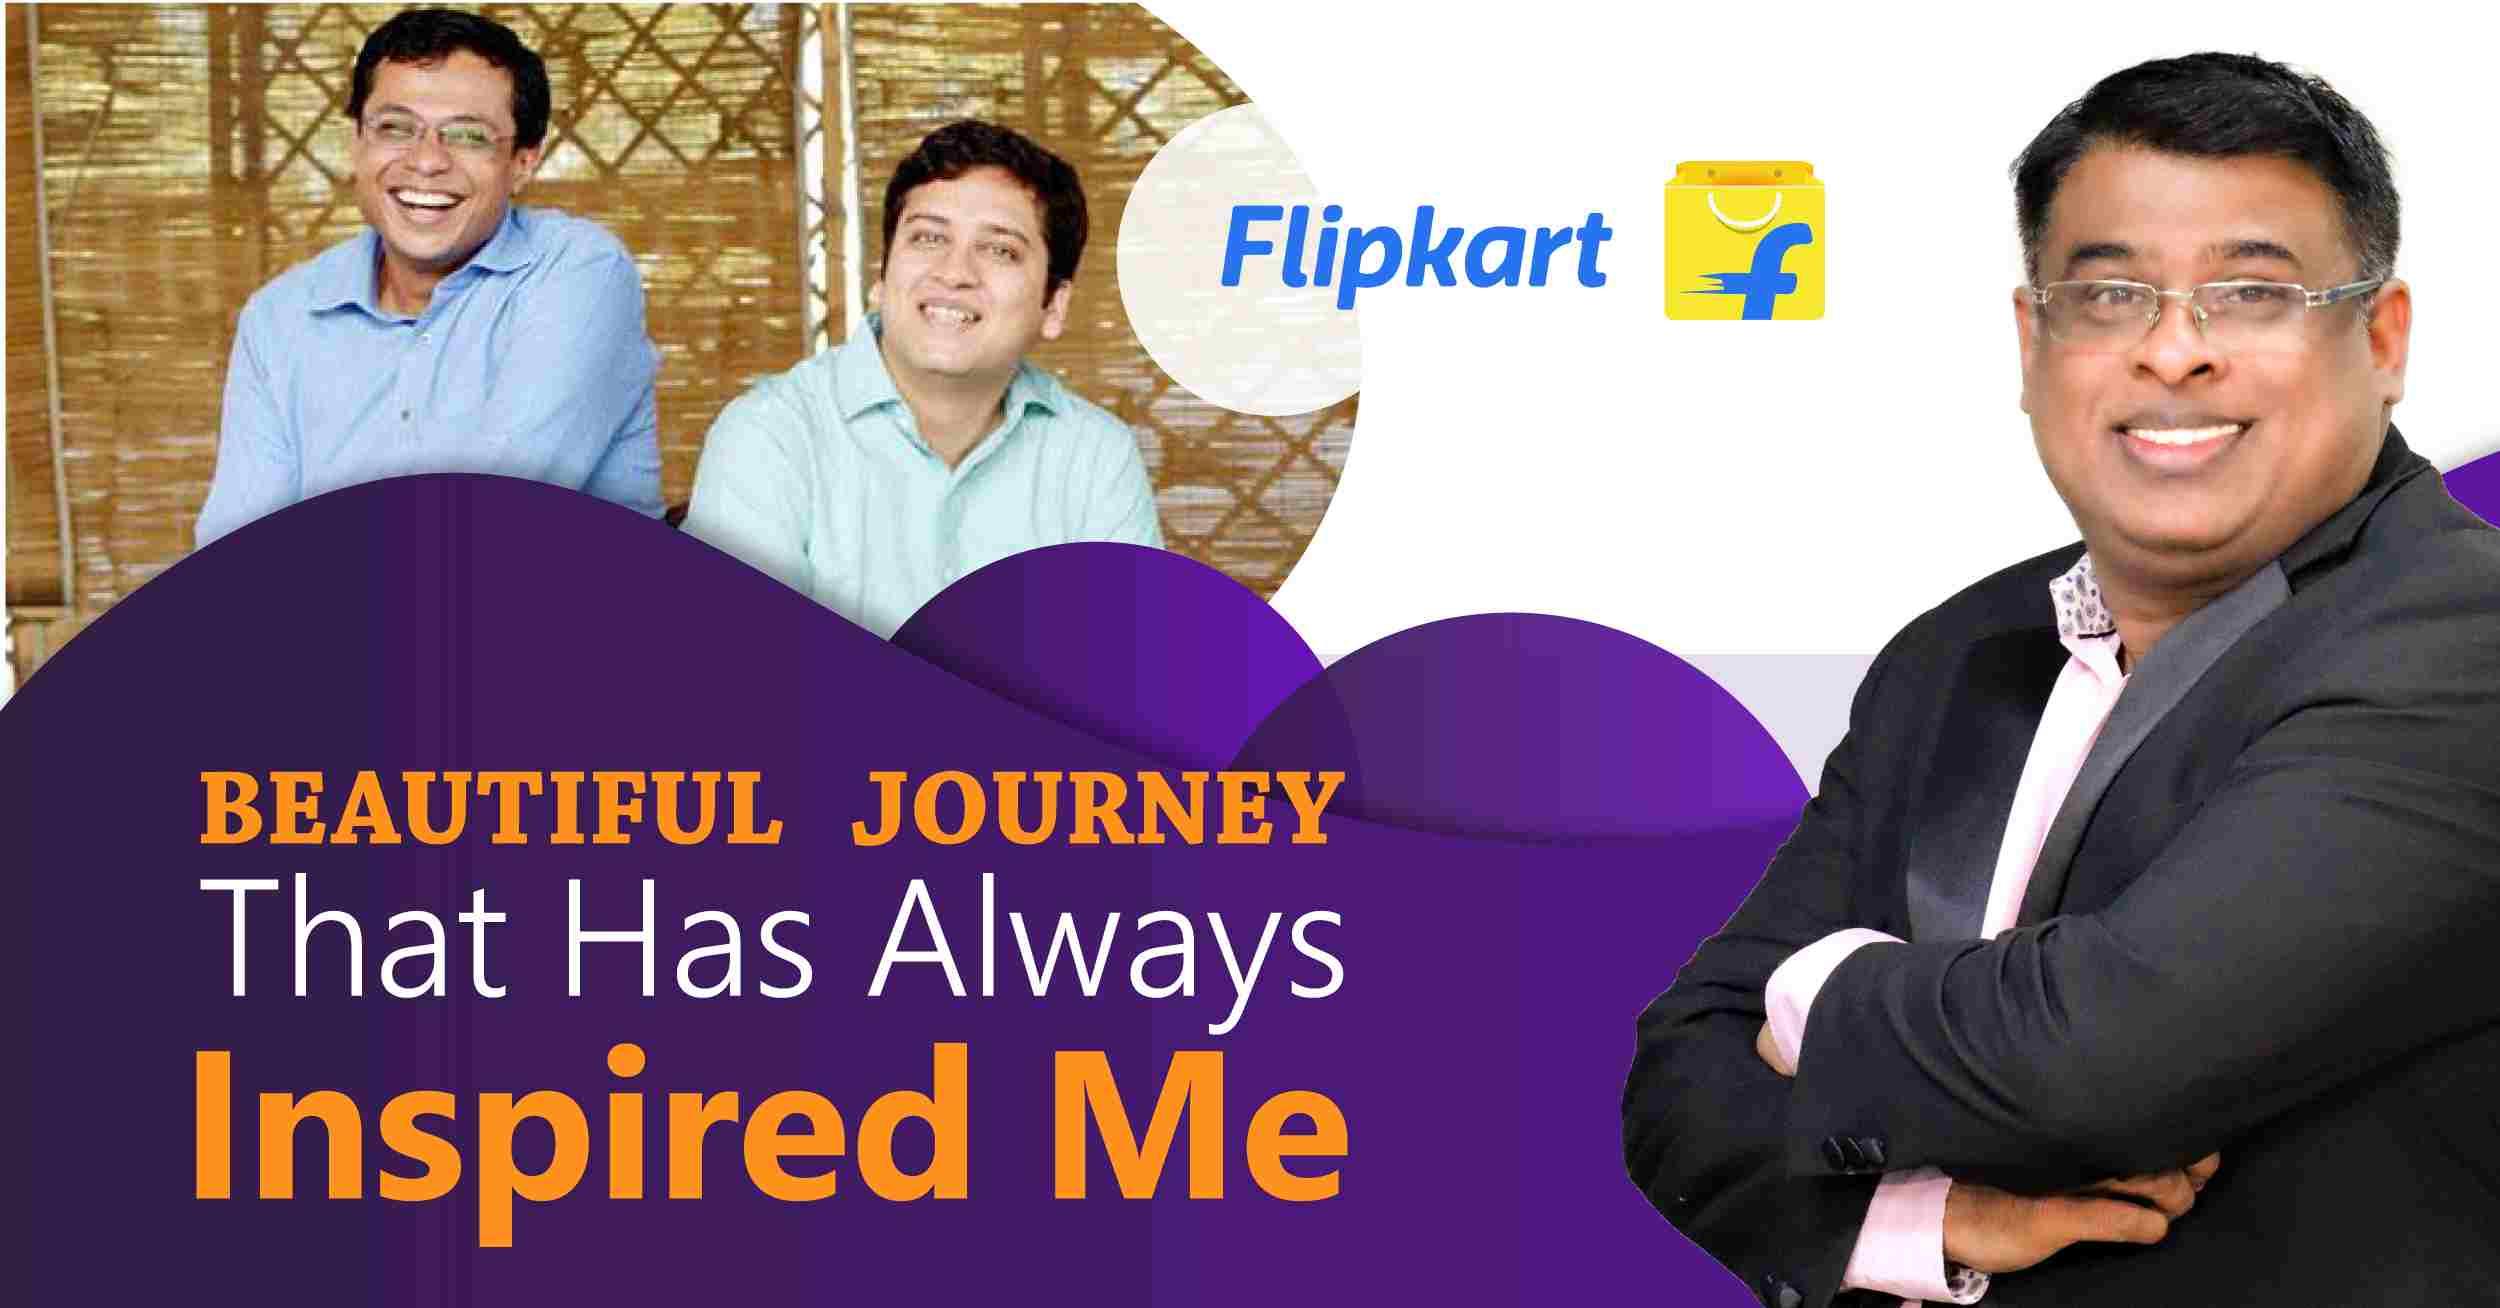 flipkart's inspirational story